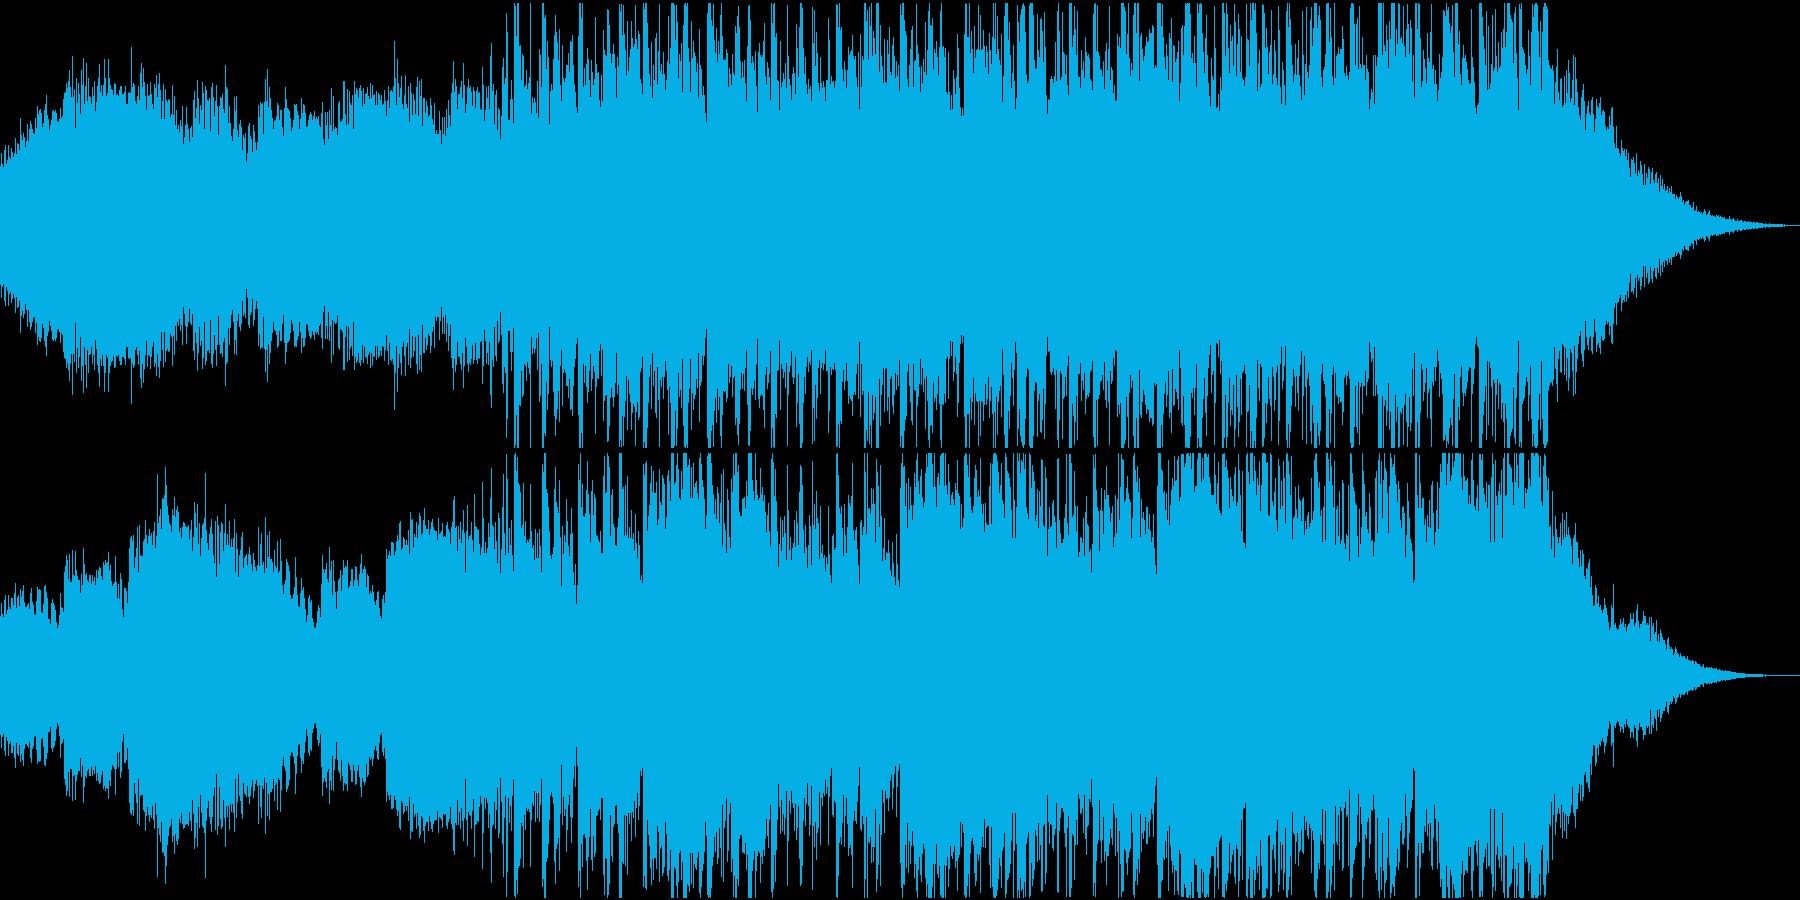 映像用の怪しい雰囲気のエレクトロニカの再生済みの波形